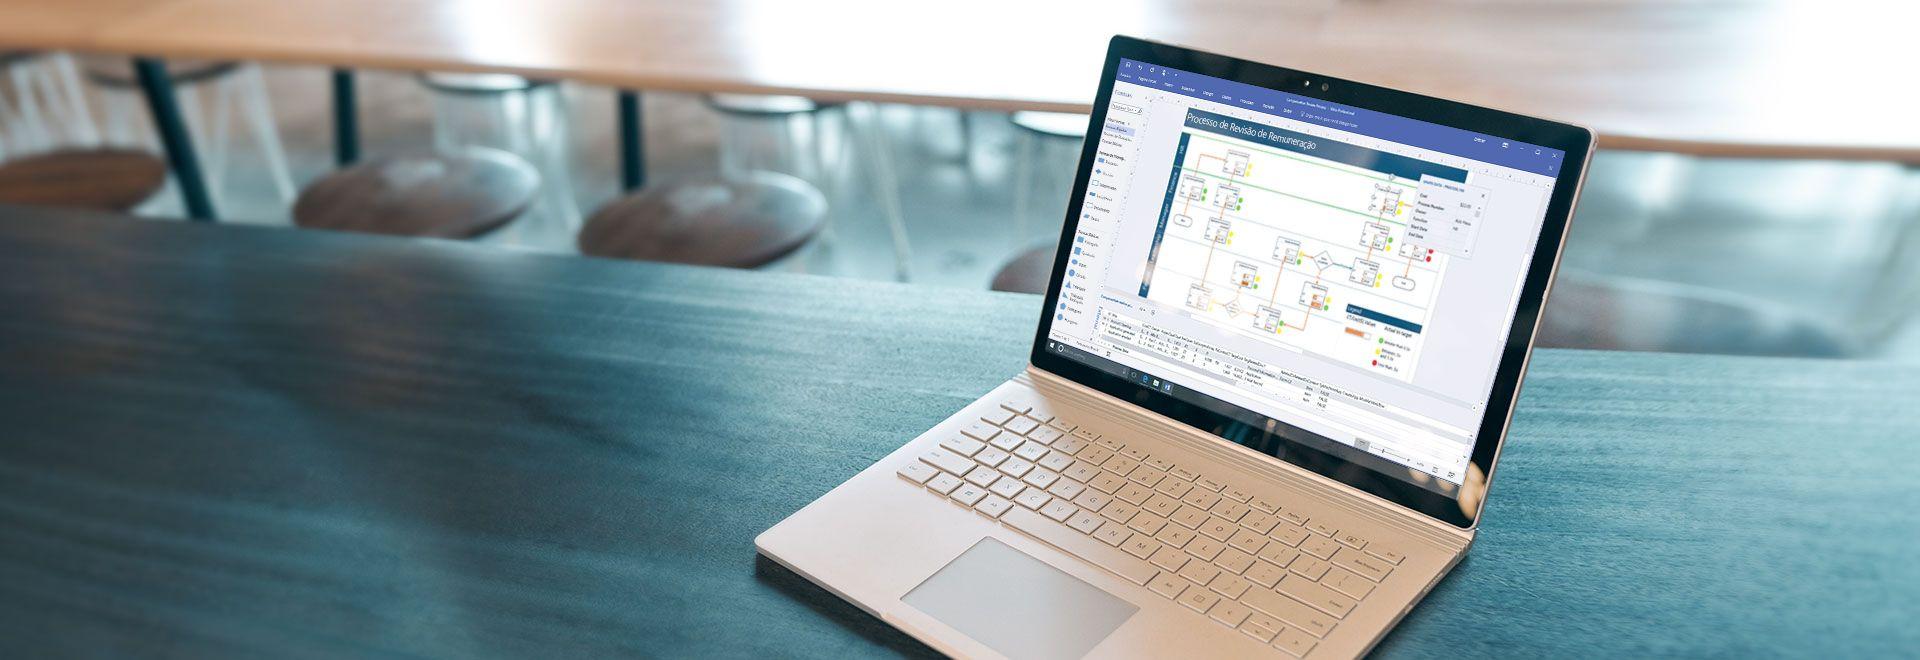 Laptop mostrando um diagrama de fluxo de trabalho de processo no Visio Pro para Office 365